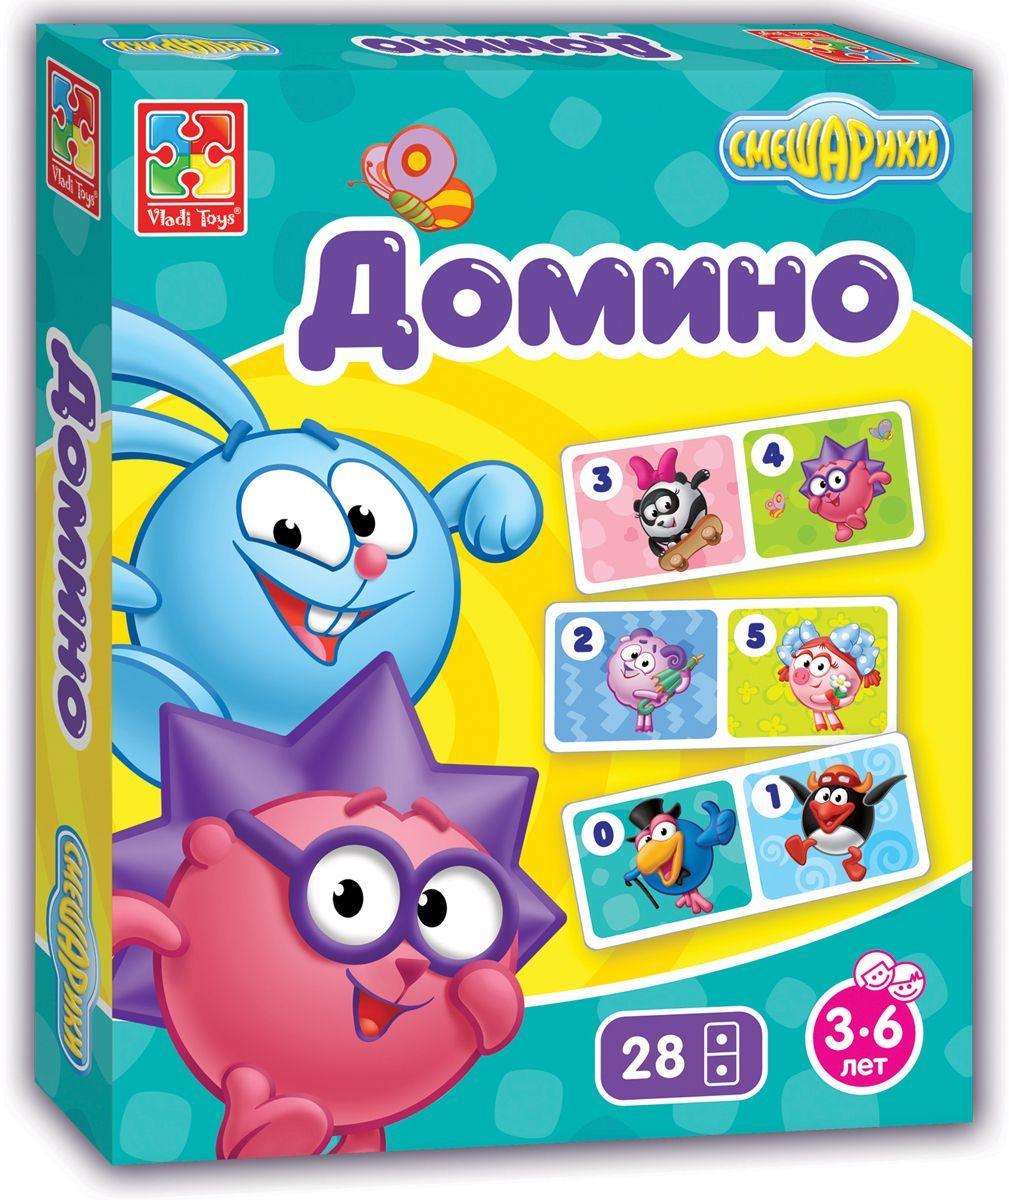 Vladi Toys Игра настольная Смешарики Домино vladi toys развивающая игра 3 в 1 ежик в лесу